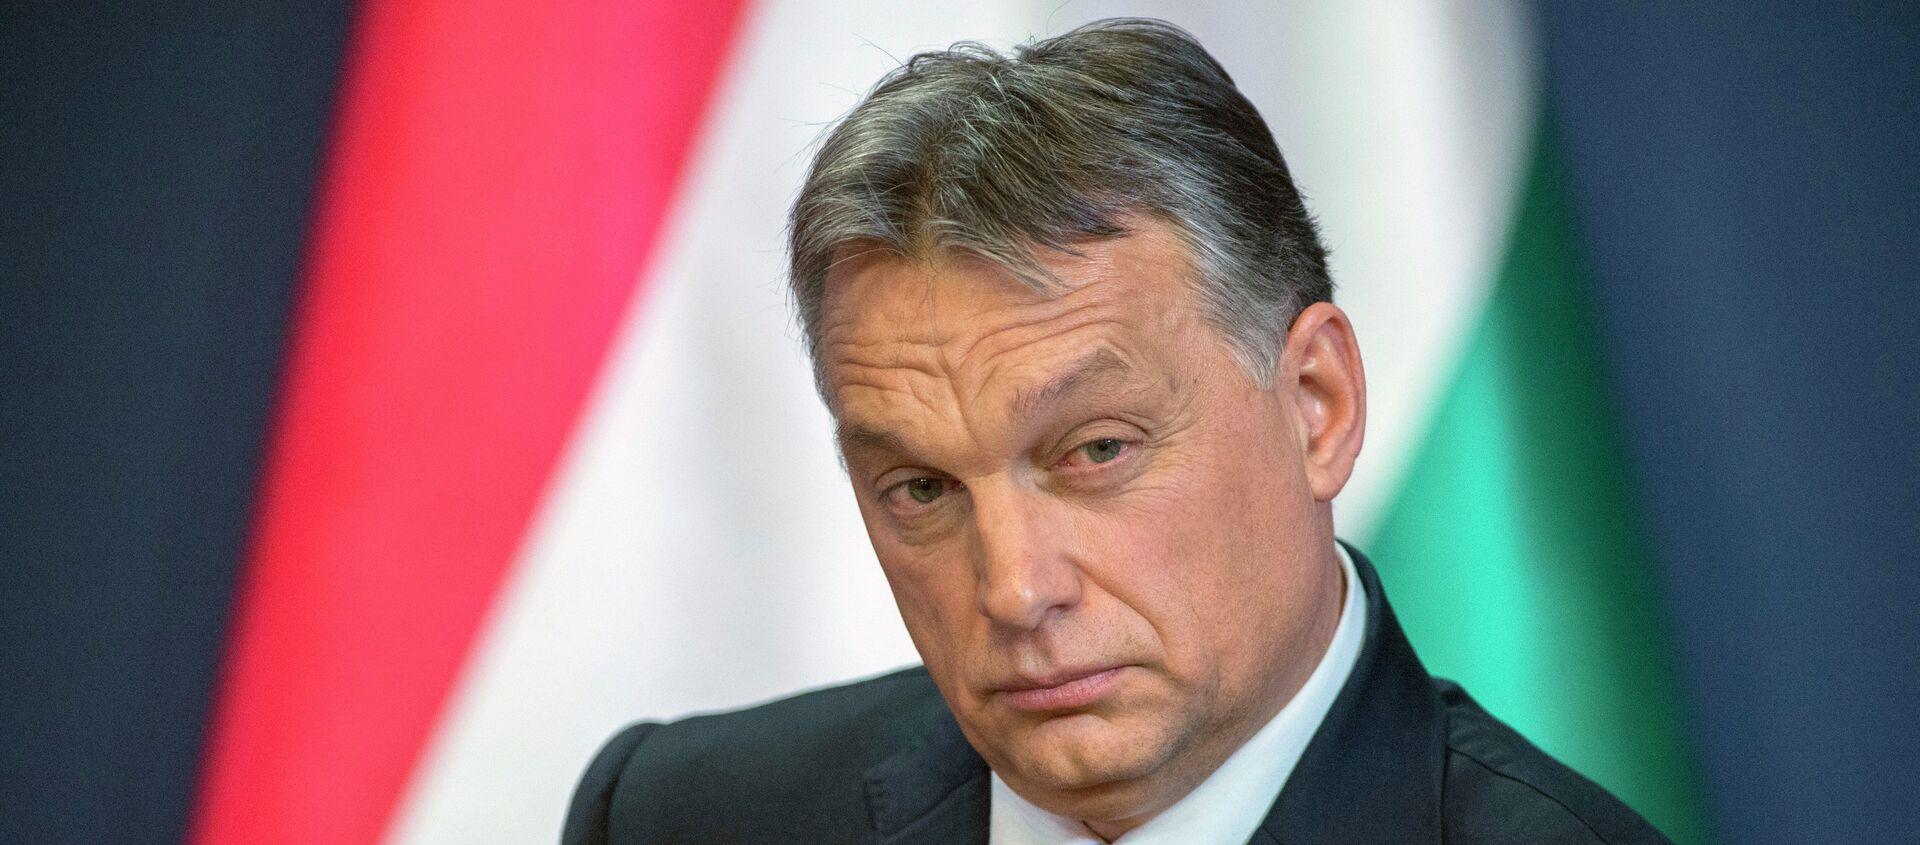 Premiér Maďarska Viktor Orbán - Sputnik Česká republika, 1920, 05.03.2021